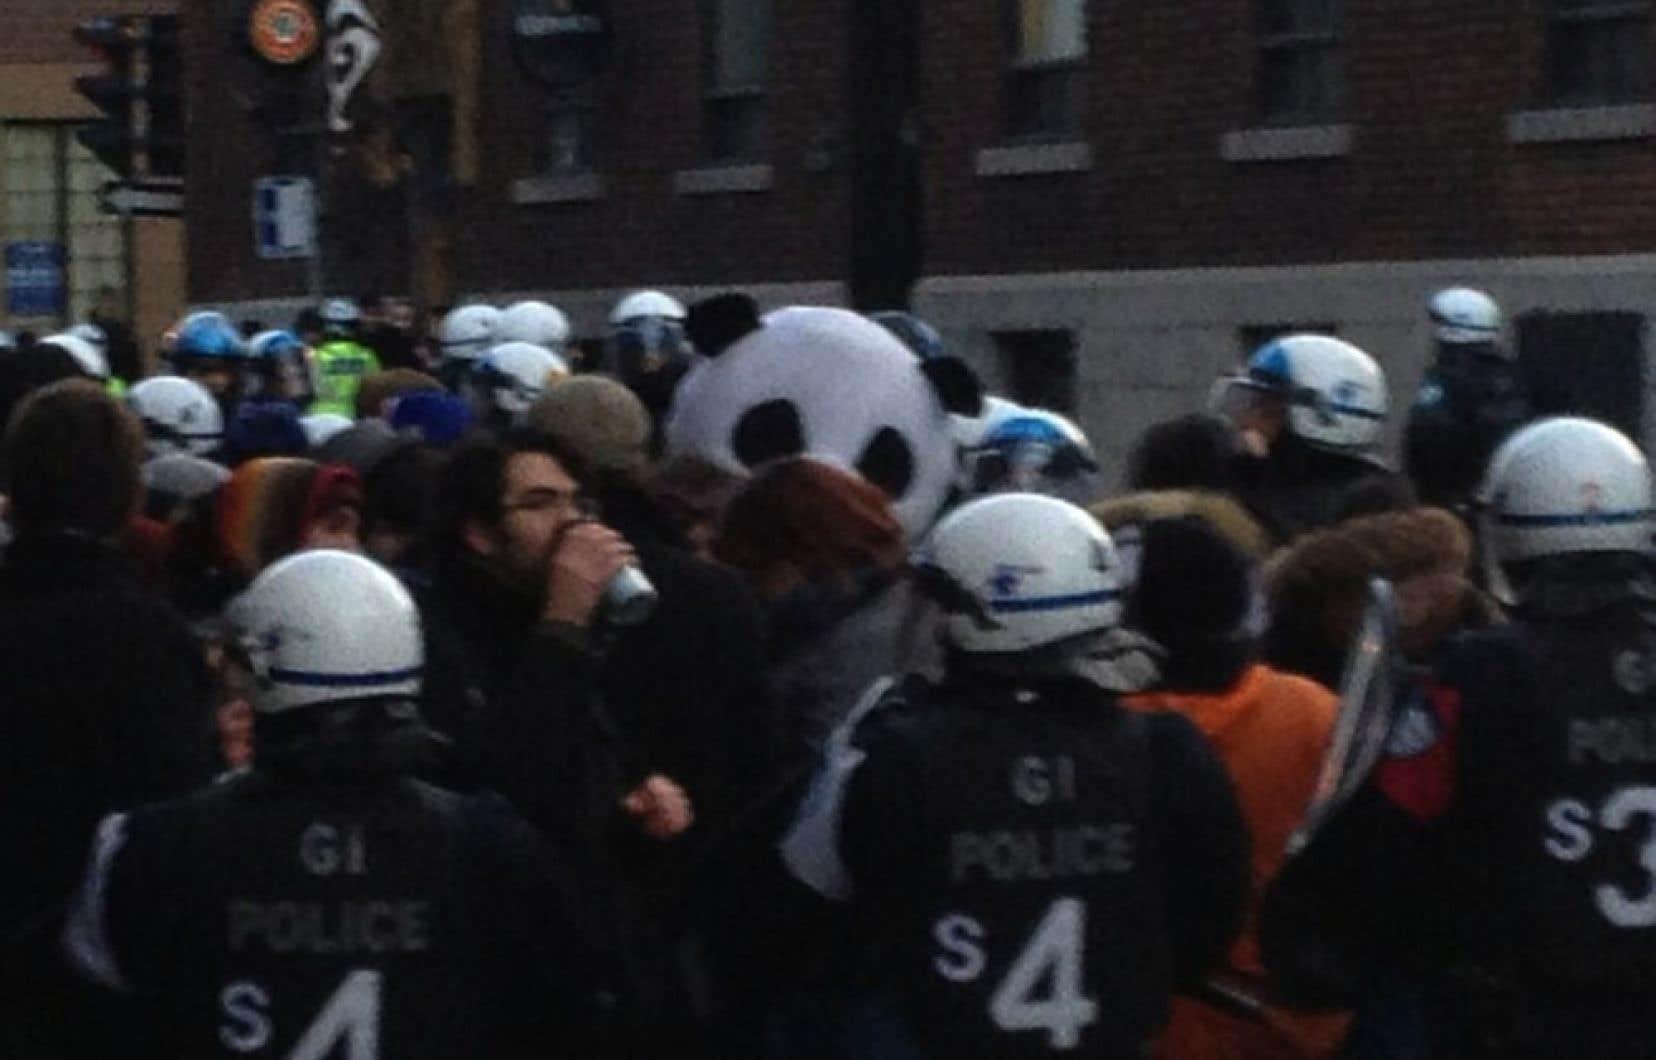 Selon le sergent Jean-Bruno Latour, porte-parole du SPVM, deux groupes de manifestants, totalisant entre 50 et 100 personnes, ont été interpellés pour avoir enfreint le règlement municipal P-6, notamment en circulant dans la rue en sens inverse de la circulation.